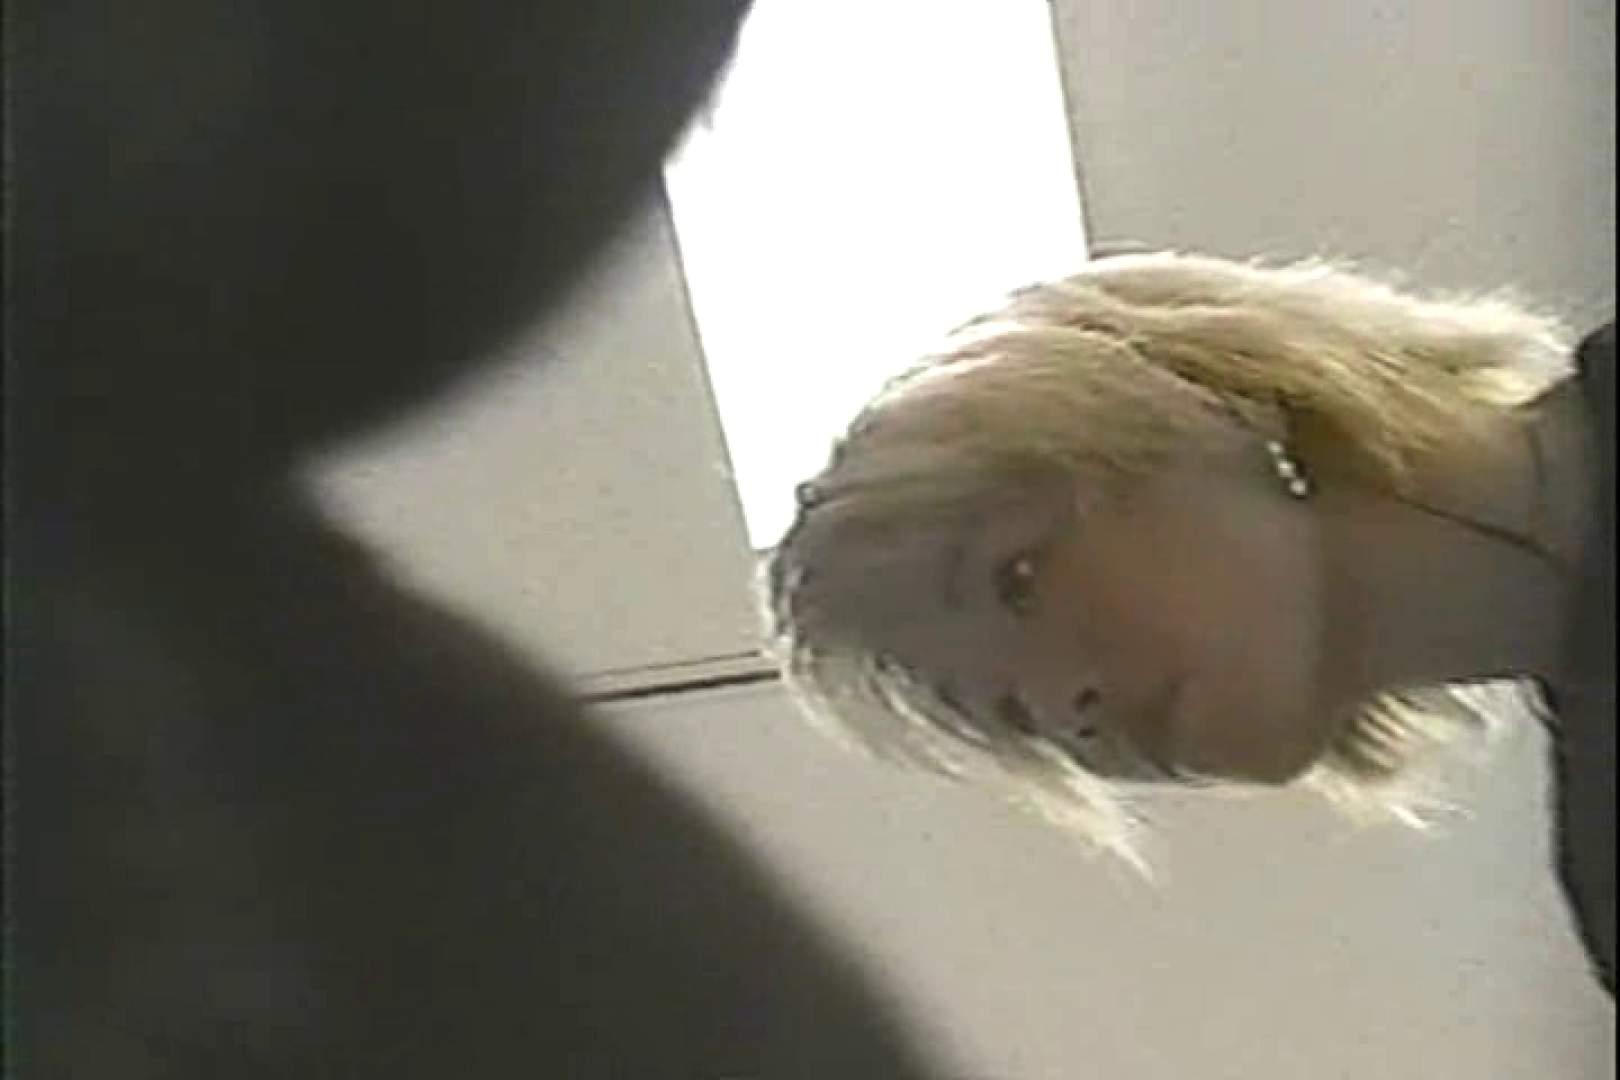 「ちくりん」さんのオリジナル未編集パンチラVol.3_02 盗撮師作品 | 新入生パンチラ  81pic 45